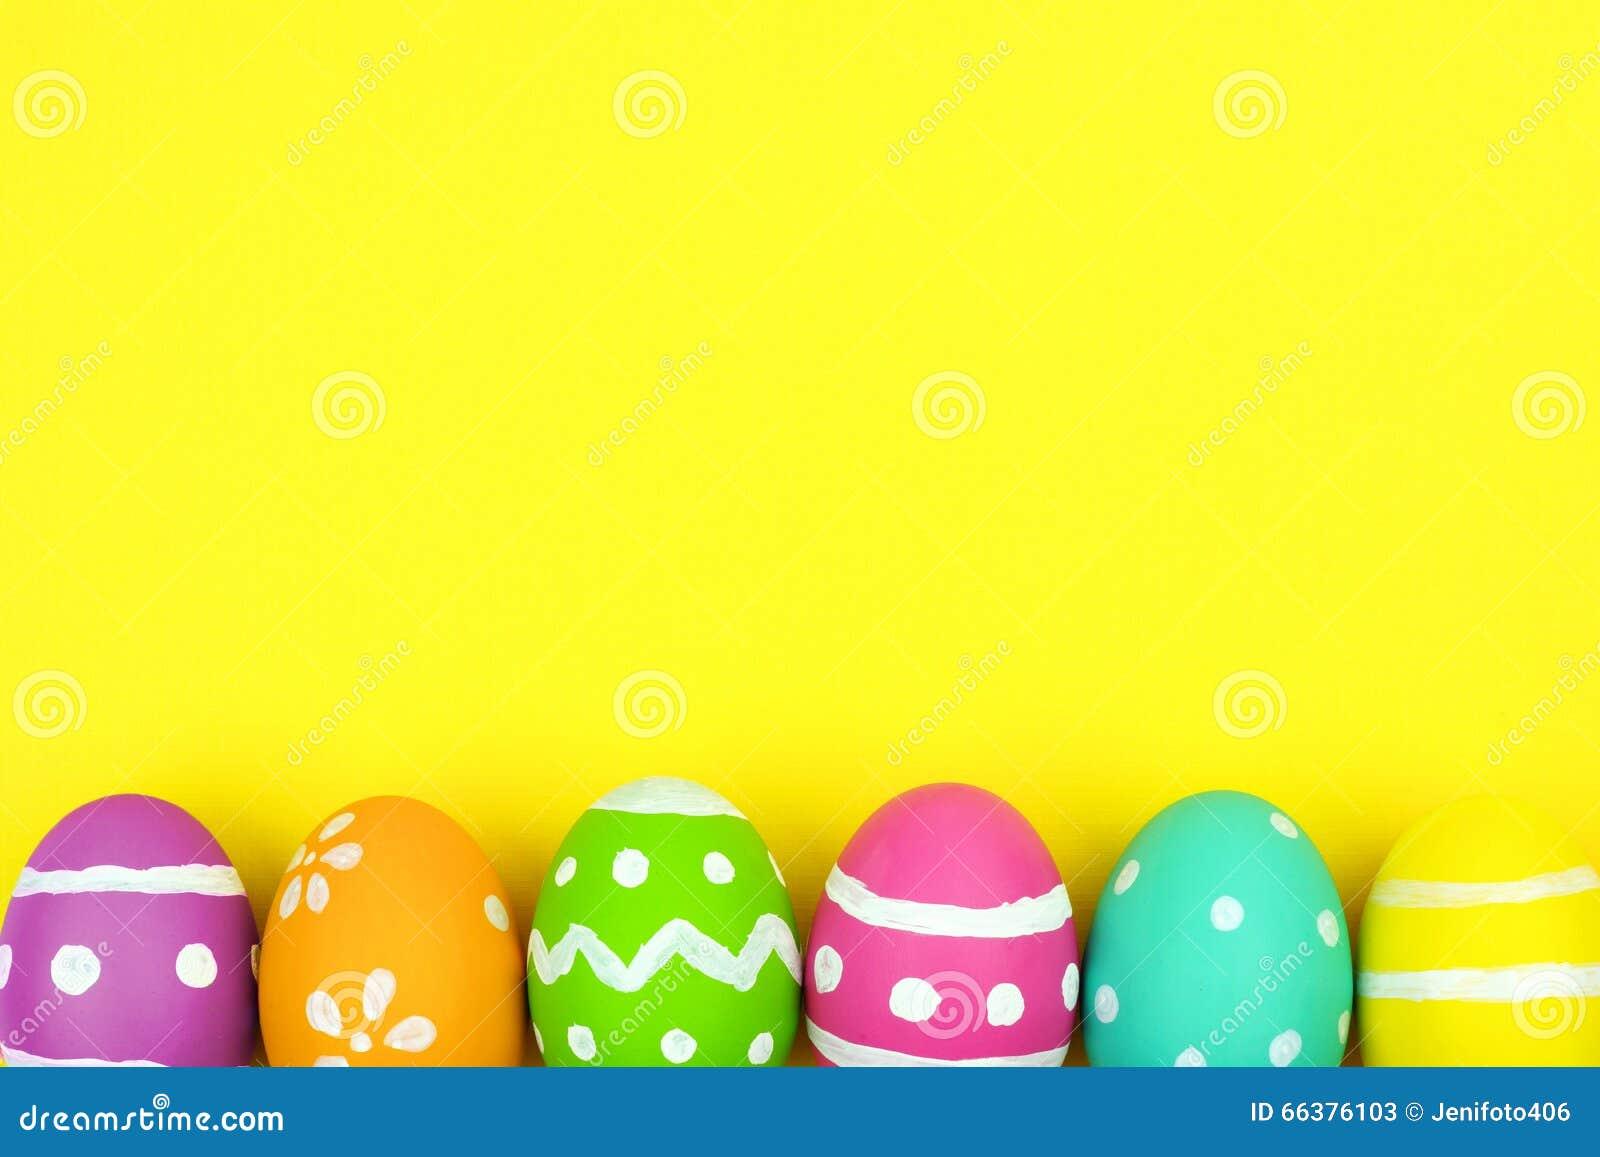 Easter festival essay